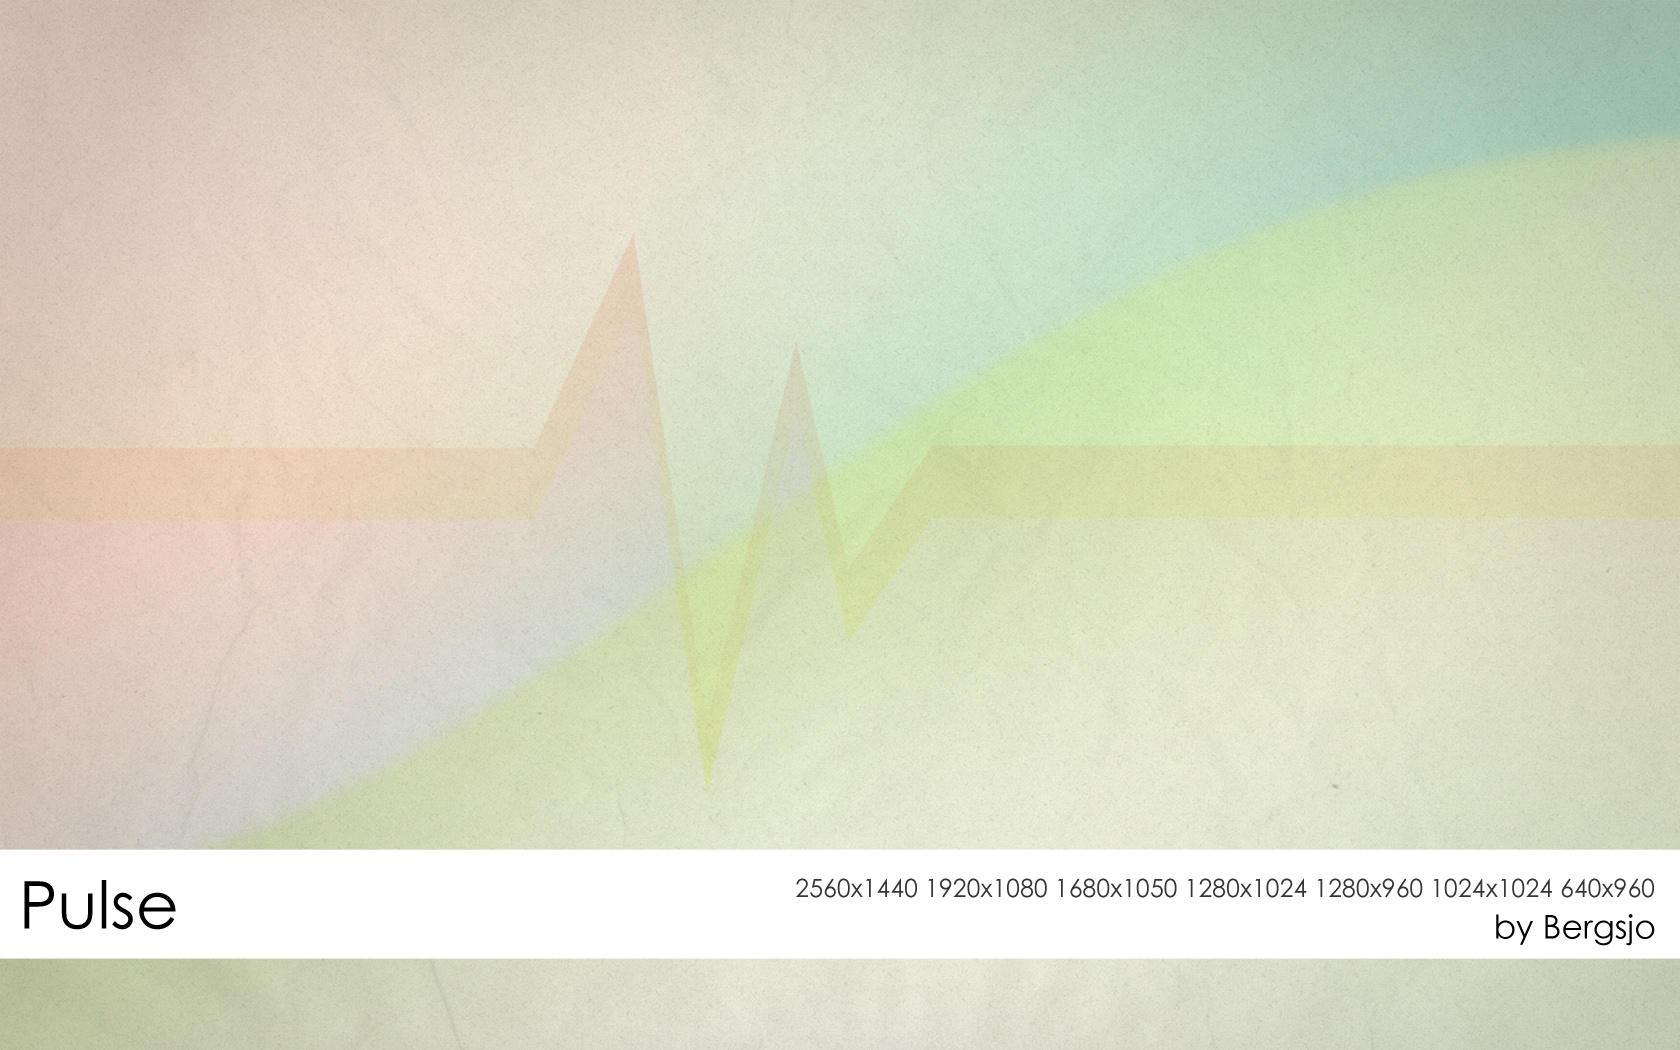 Pulse - Wallpaper by Bergsjo